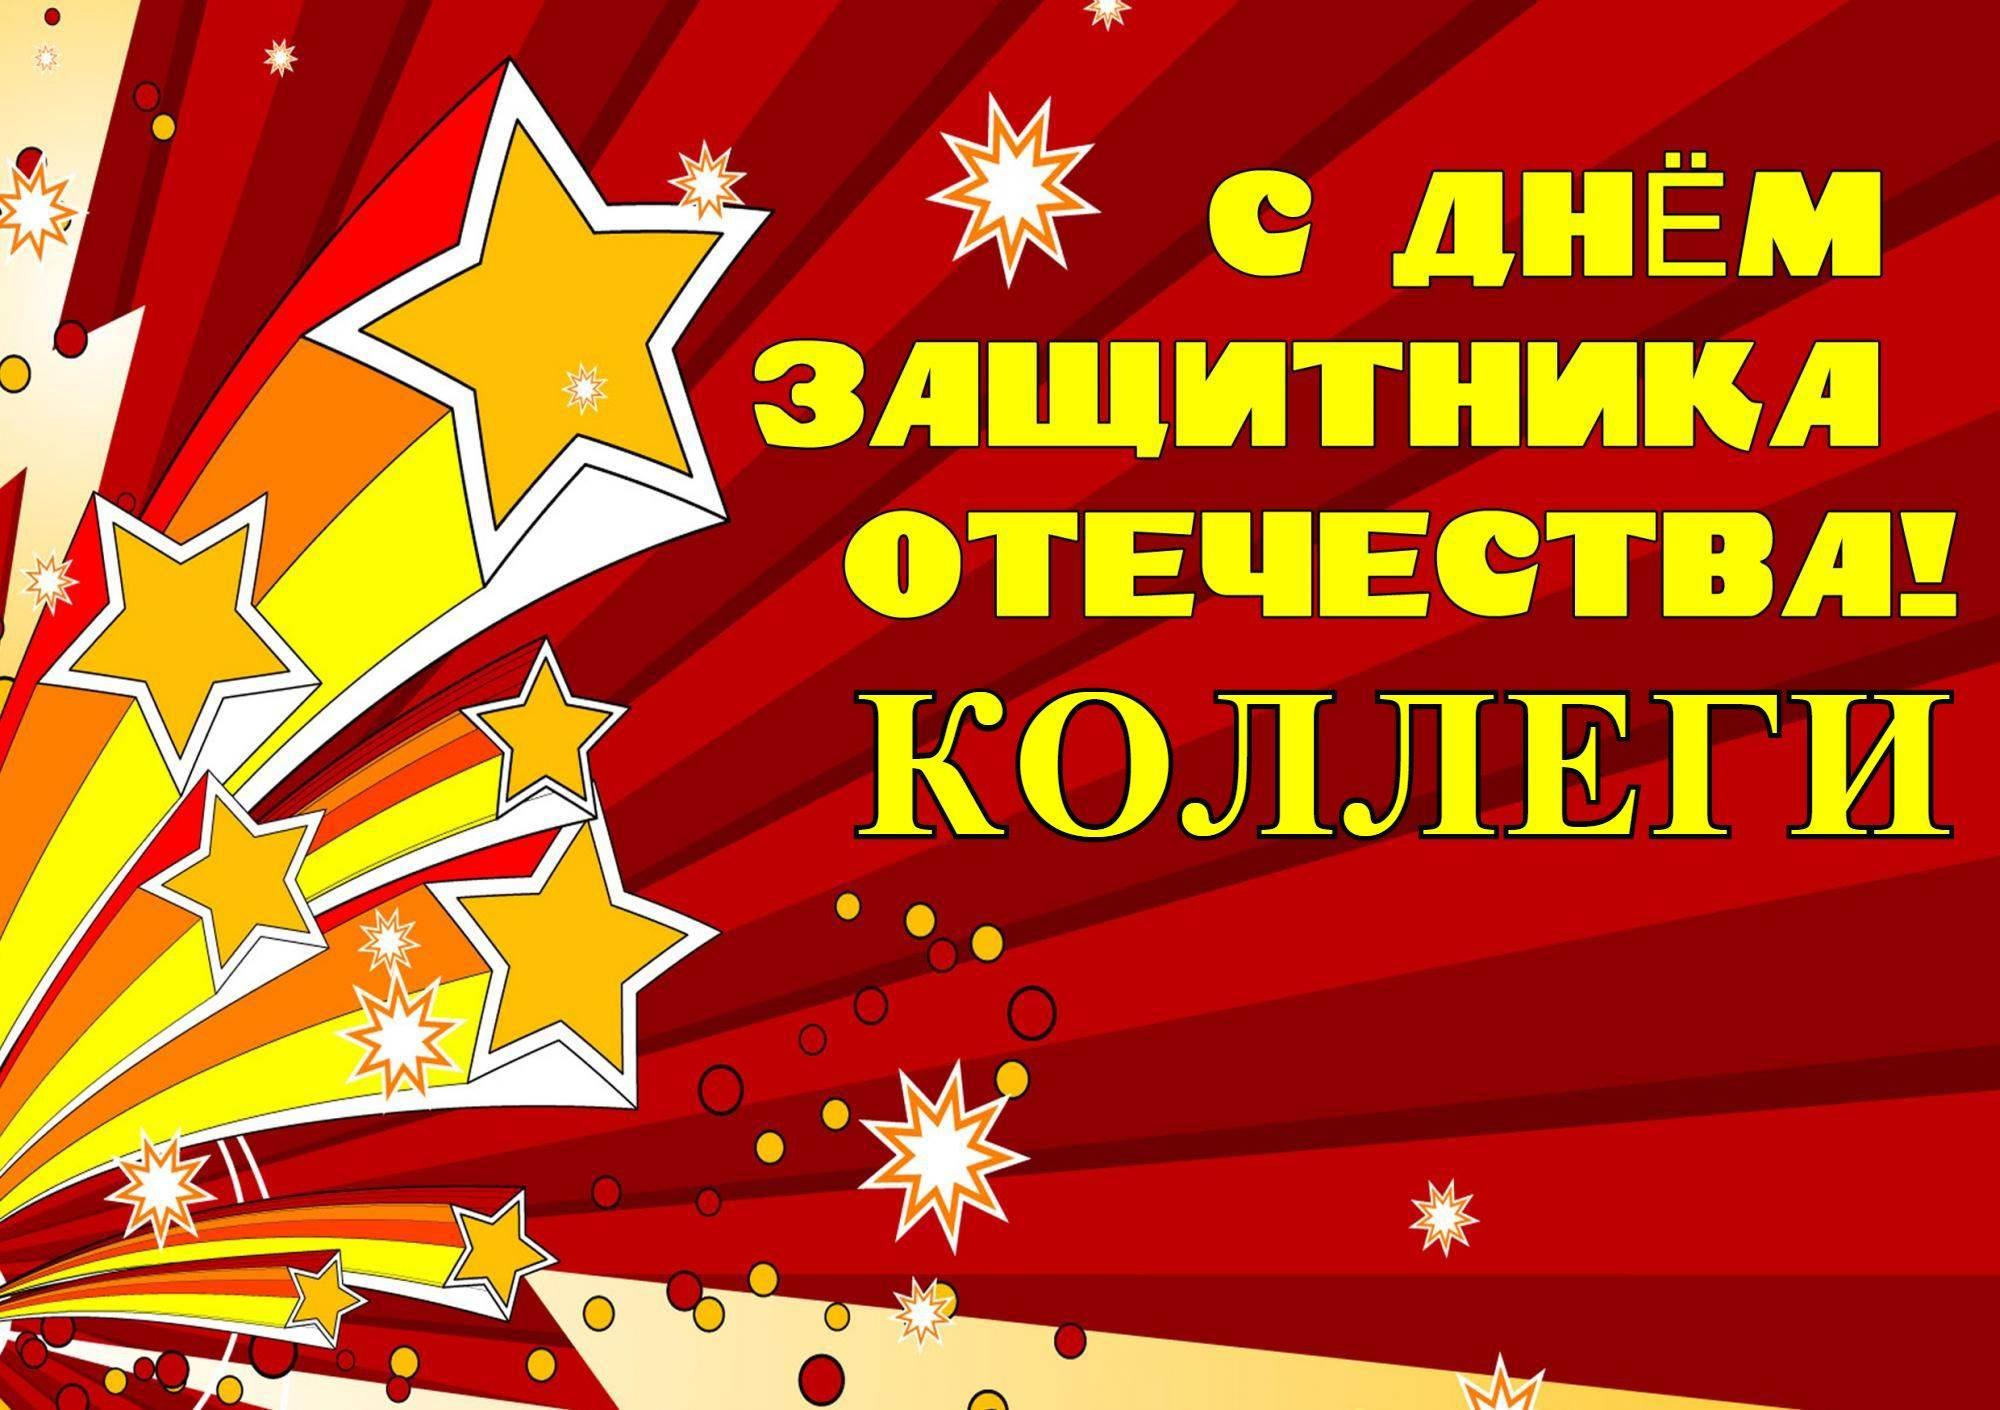 Поздравления с 23 февраля коллегам